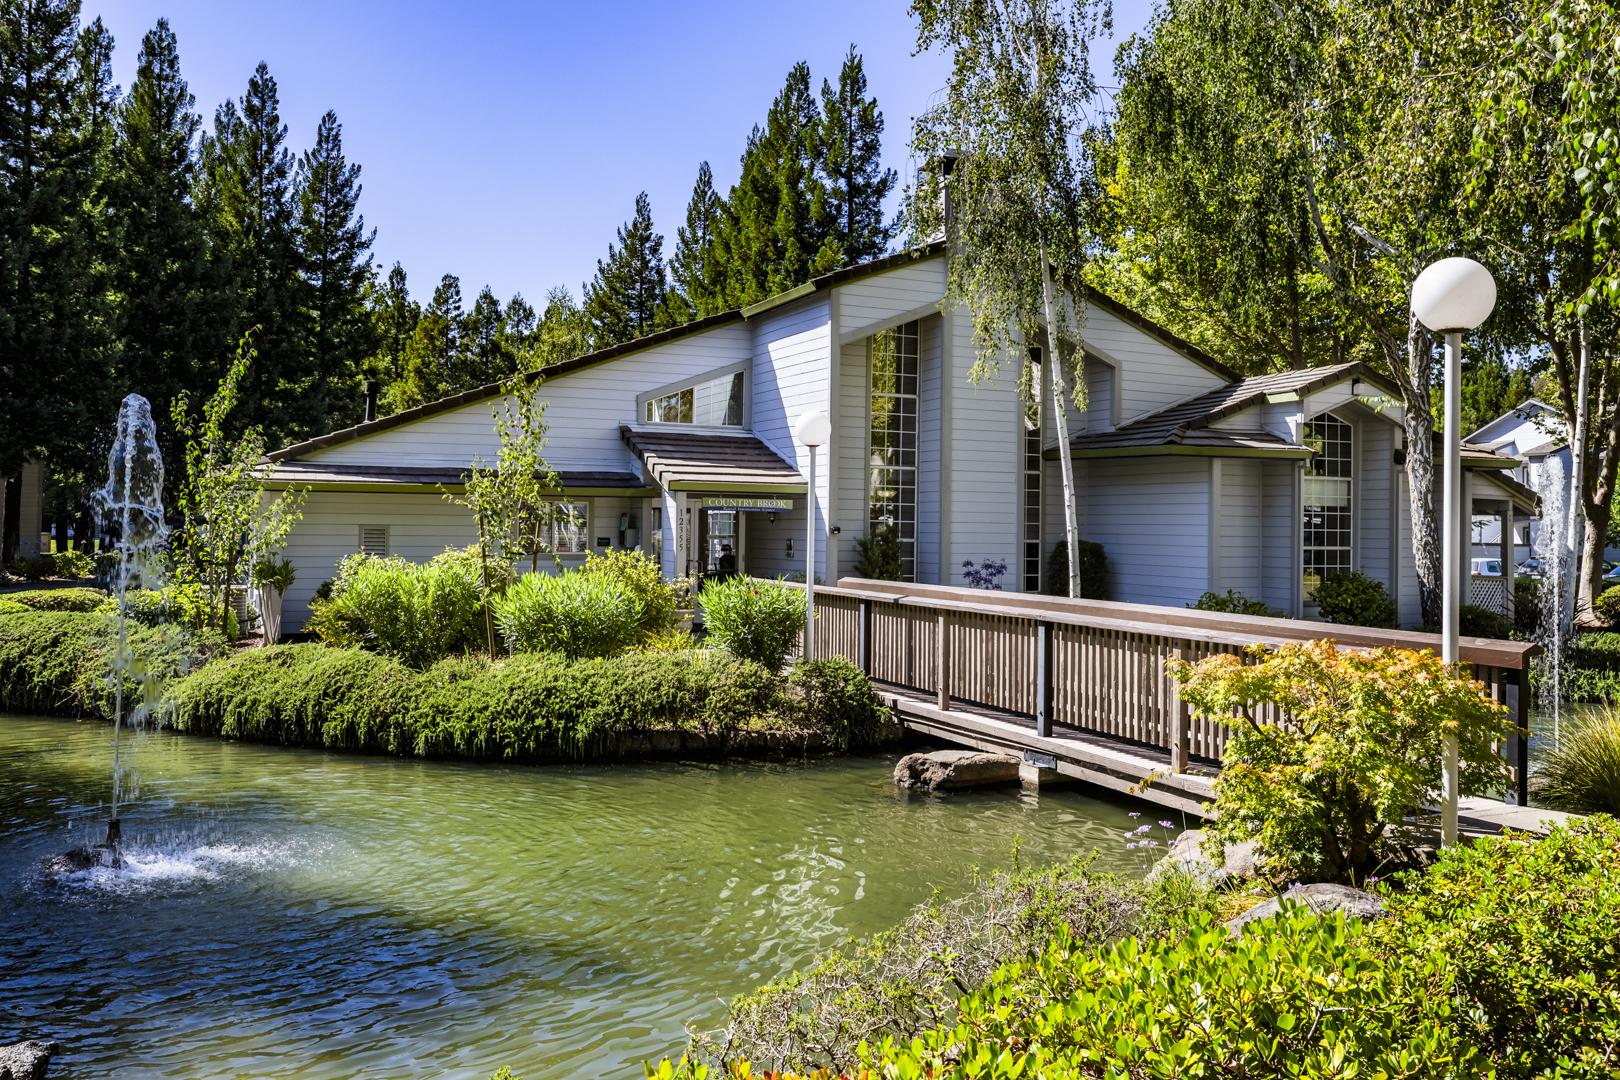 Country Brook Rental Condos